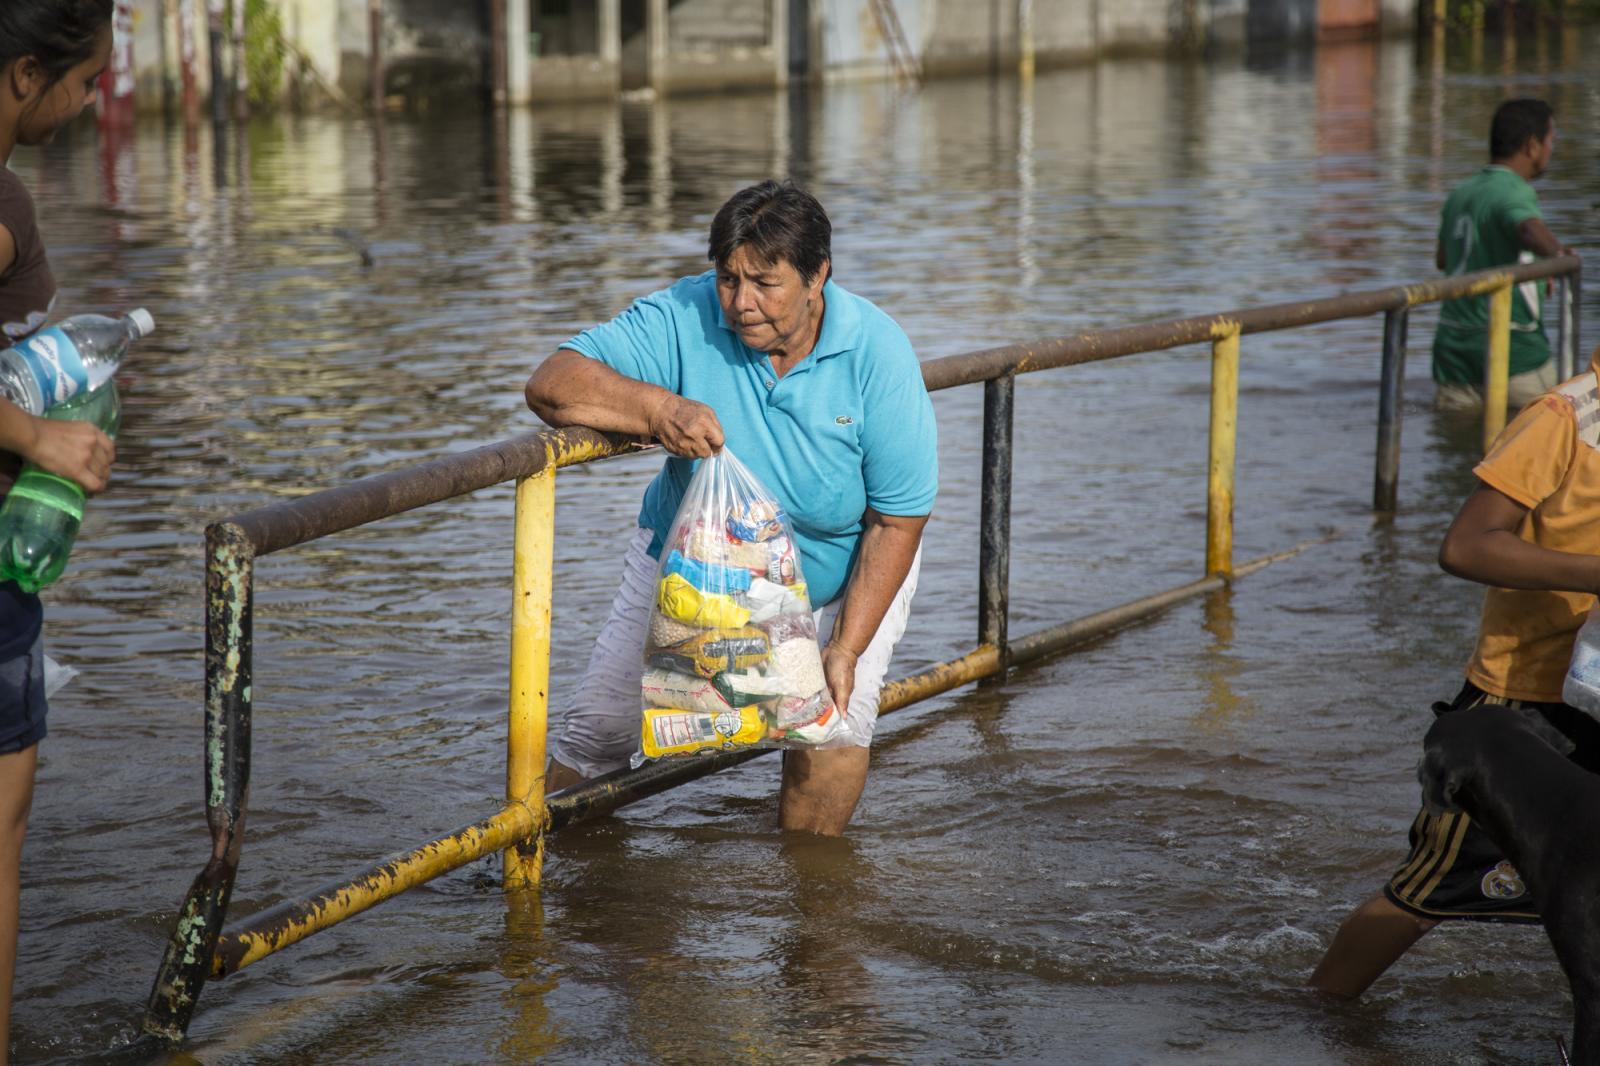 Una señora cruza una calle inundada cargada una bolsa de comida en Guasdualito, estado Apure, el 5 de julio de 2015.